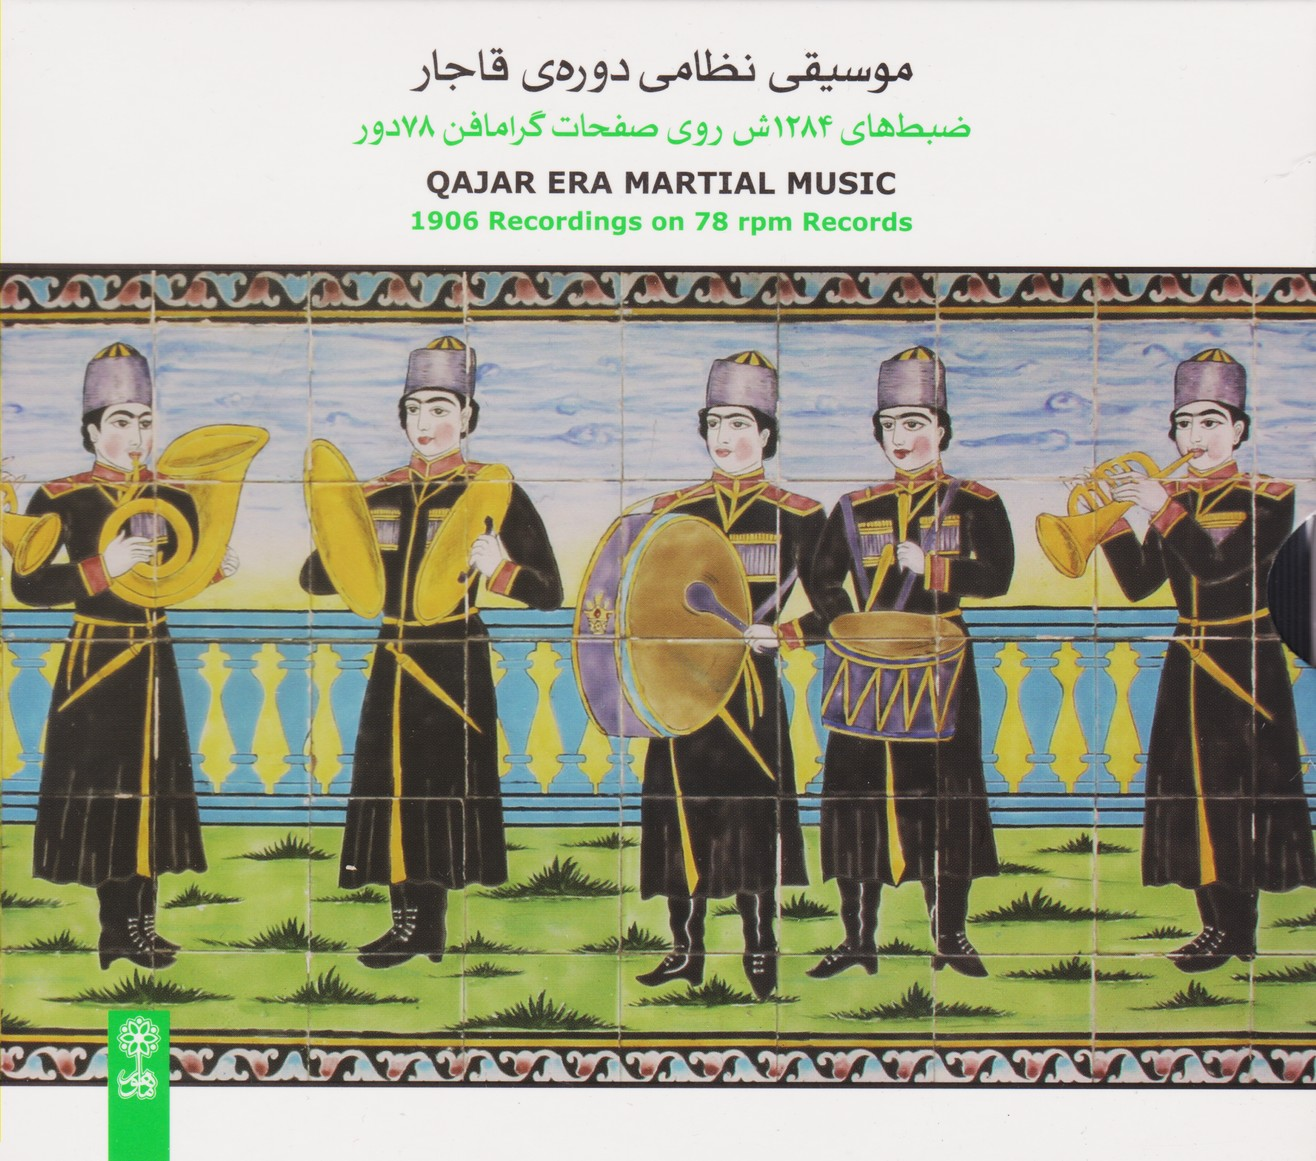 موسیقی نظامی دوره قاجار